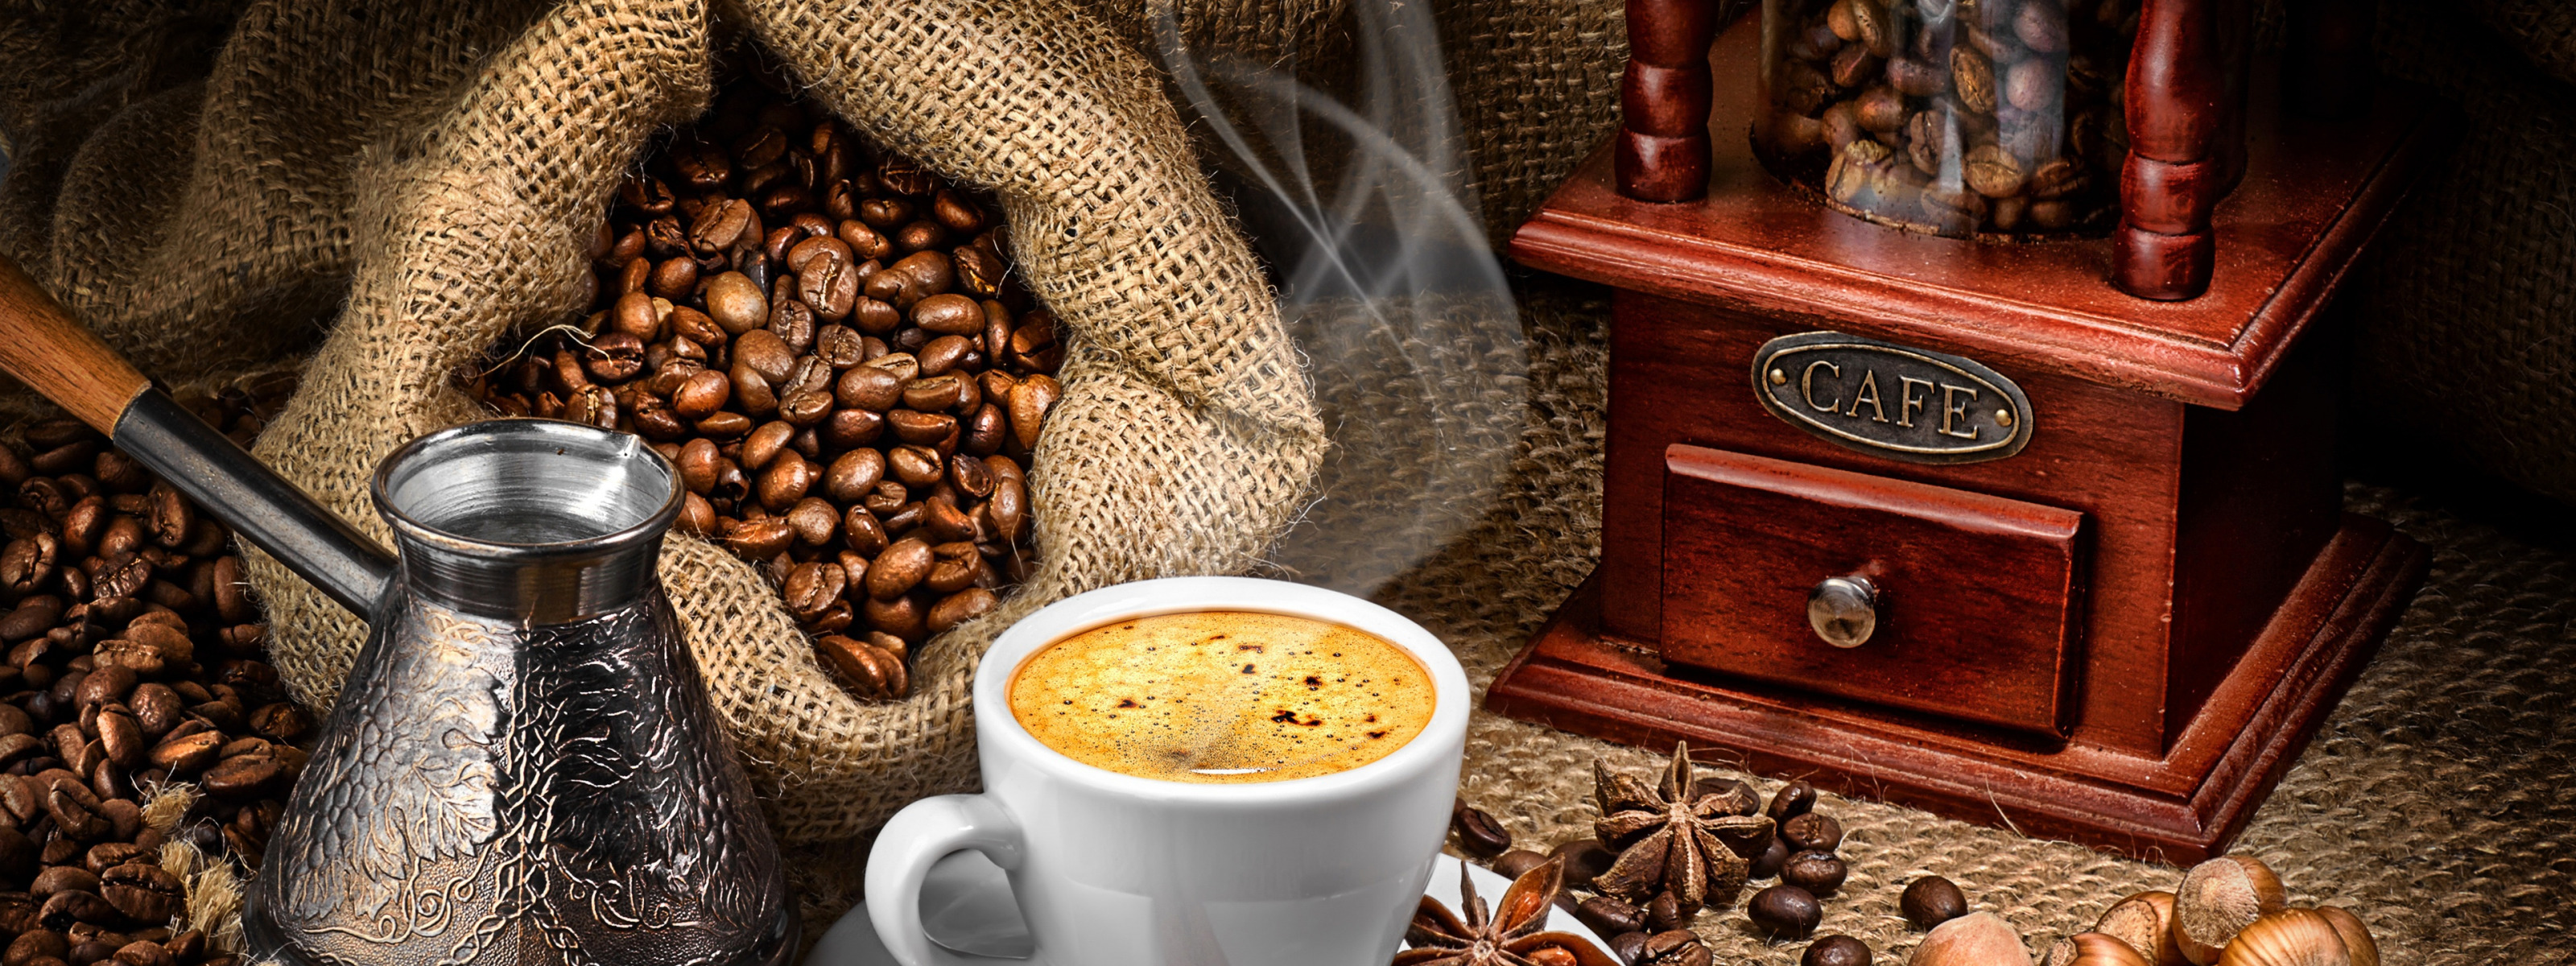 есть картинки кофе и кофемолка полмесяца